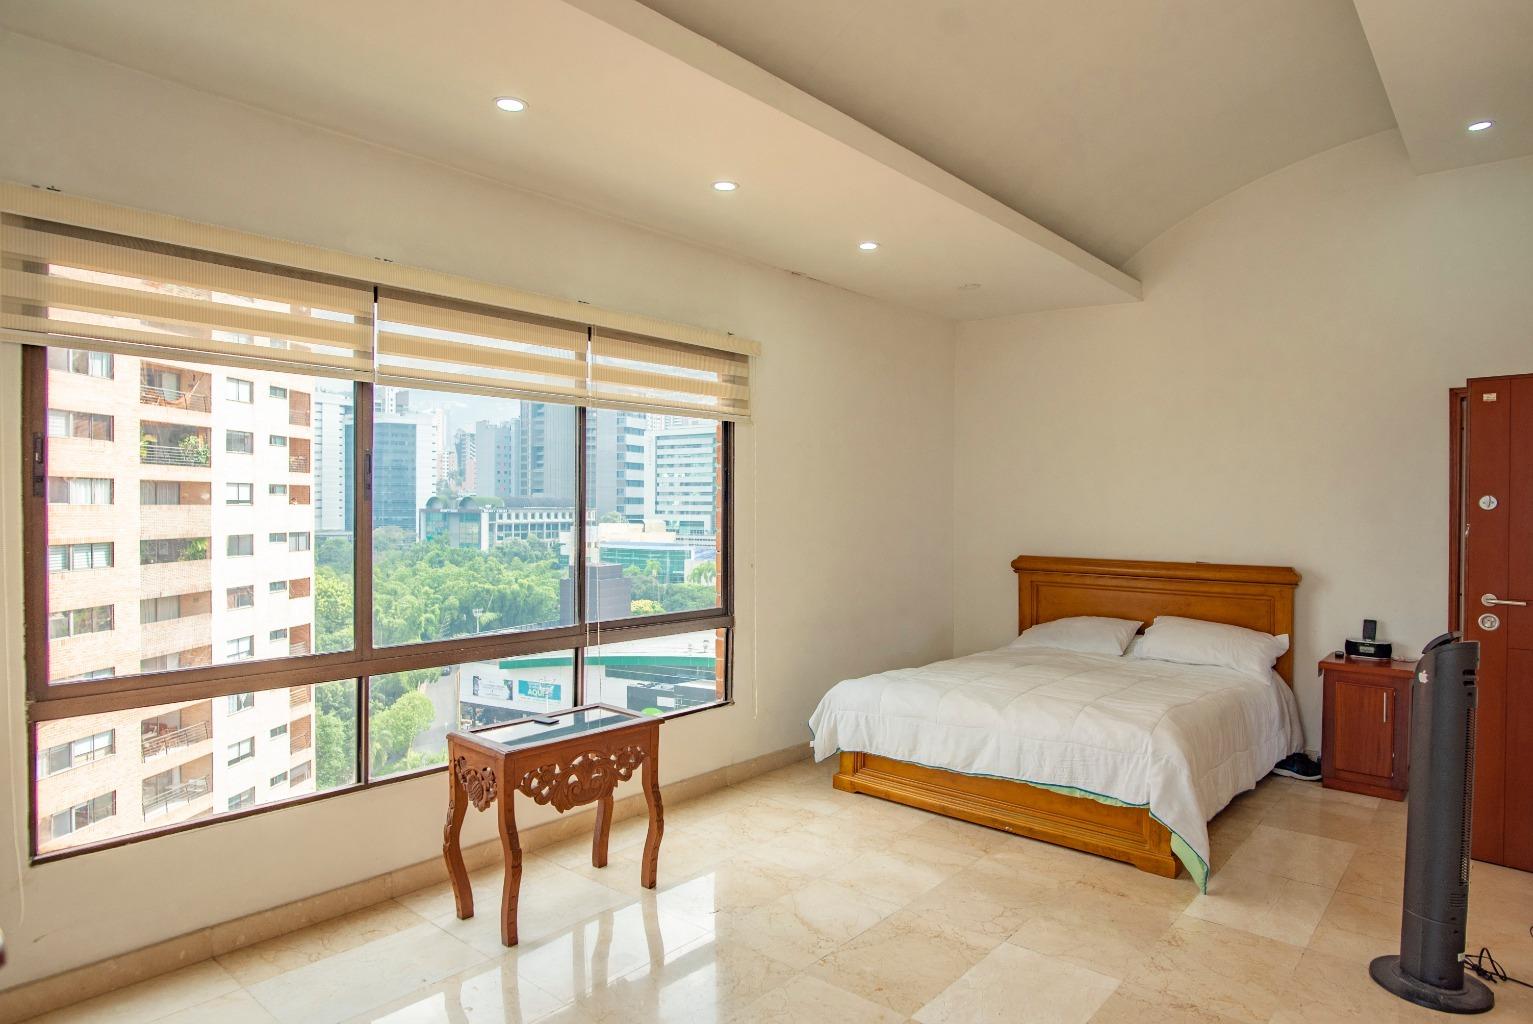 Apartamento en Medellin 18357, foto 38